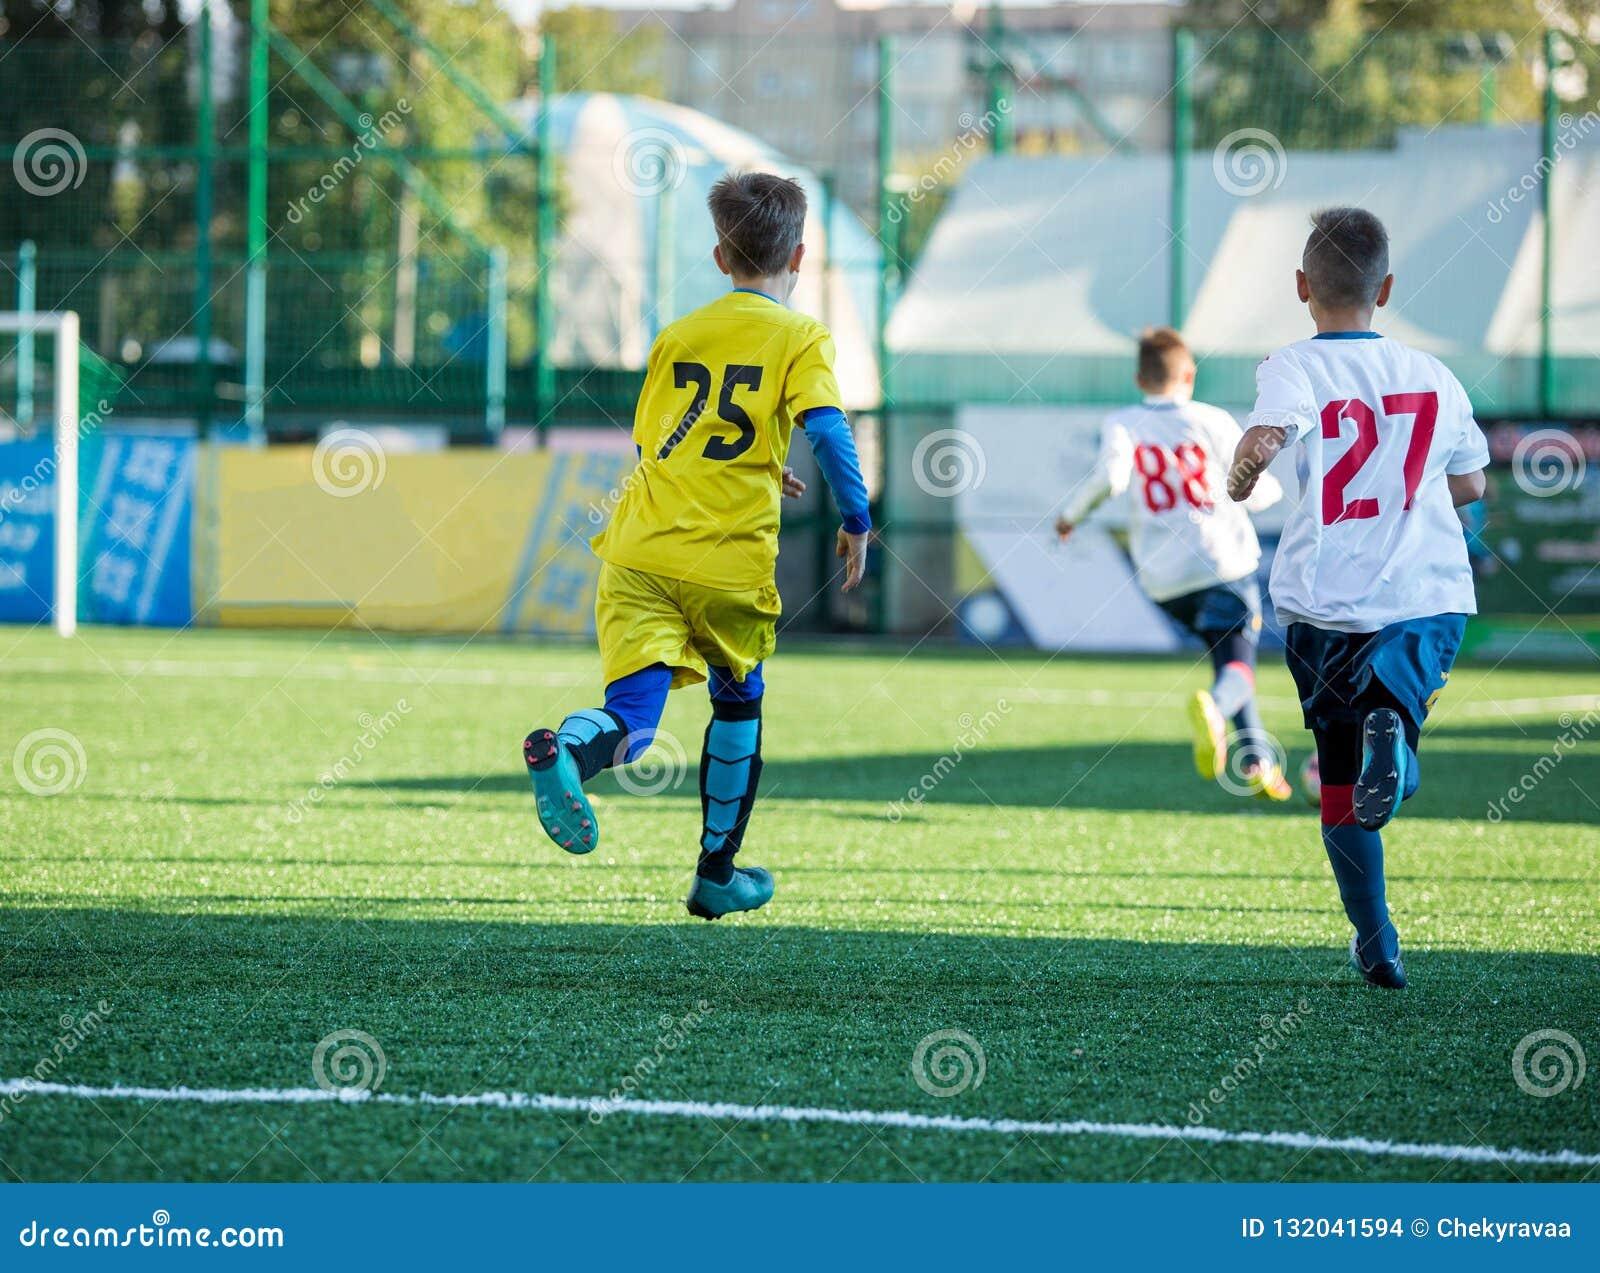 Juniorfußballspiel Fußball-Spiel für Jugend-Spieler Jungen in der gelben und weißen Uniform, die Fußballspiel spielt Fußballstadi